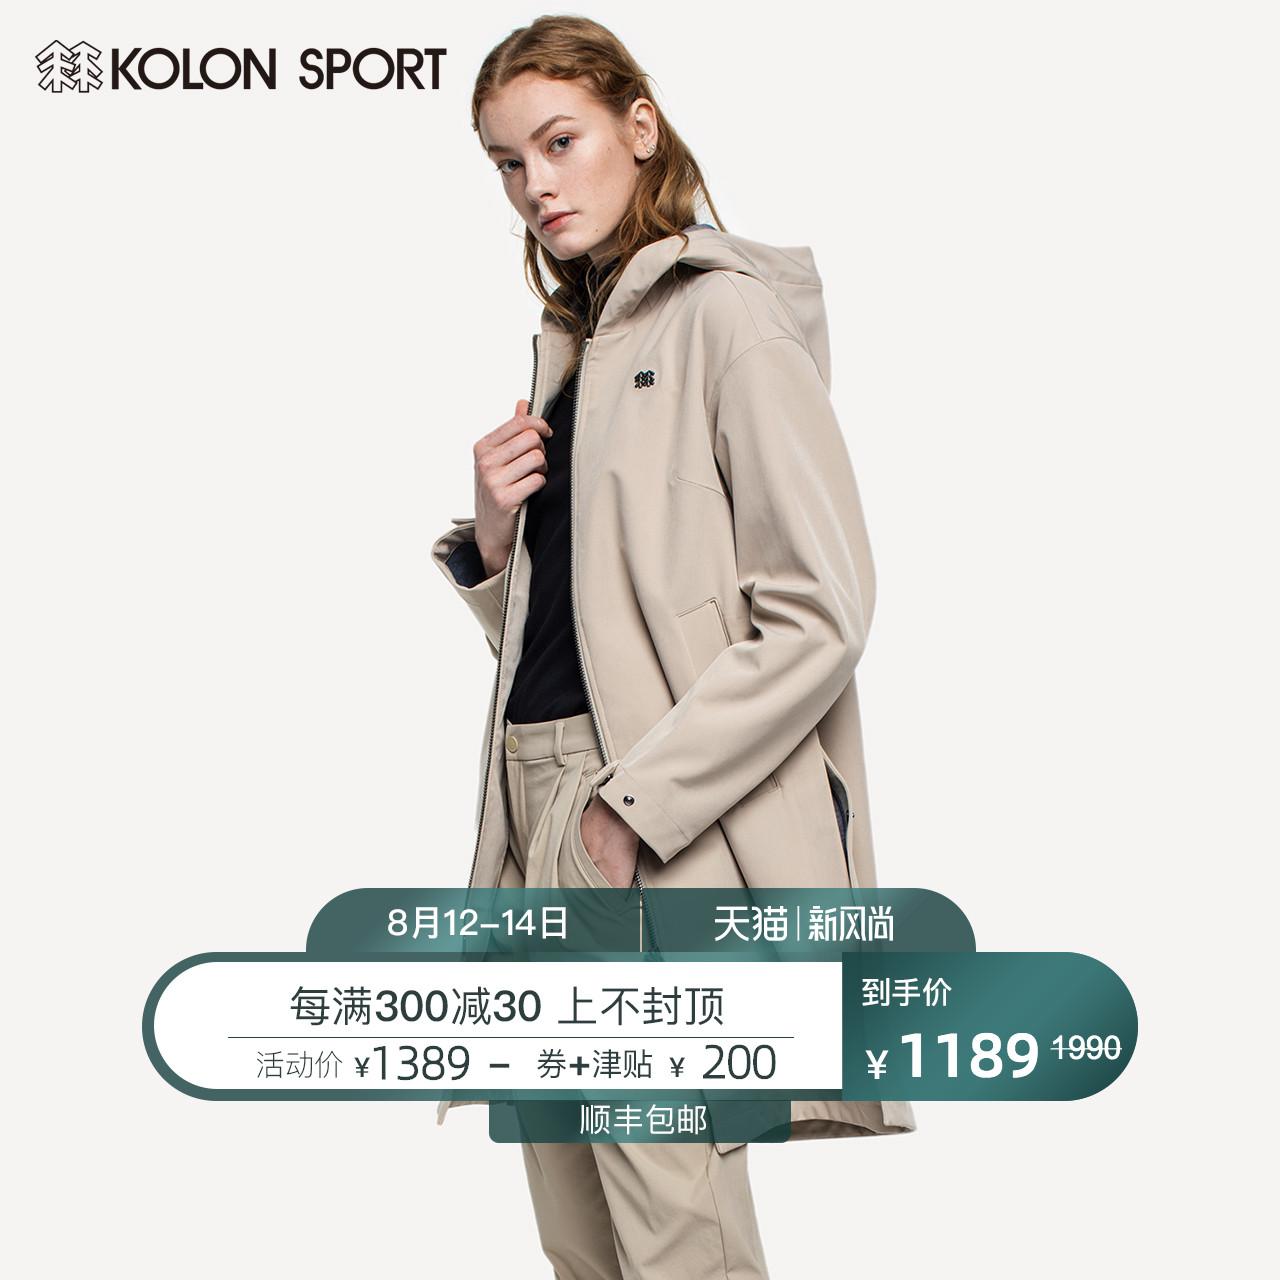 KOLONSPORT 可隆女子中长款外套夹克经典风衣开叉连帽运动户外衣